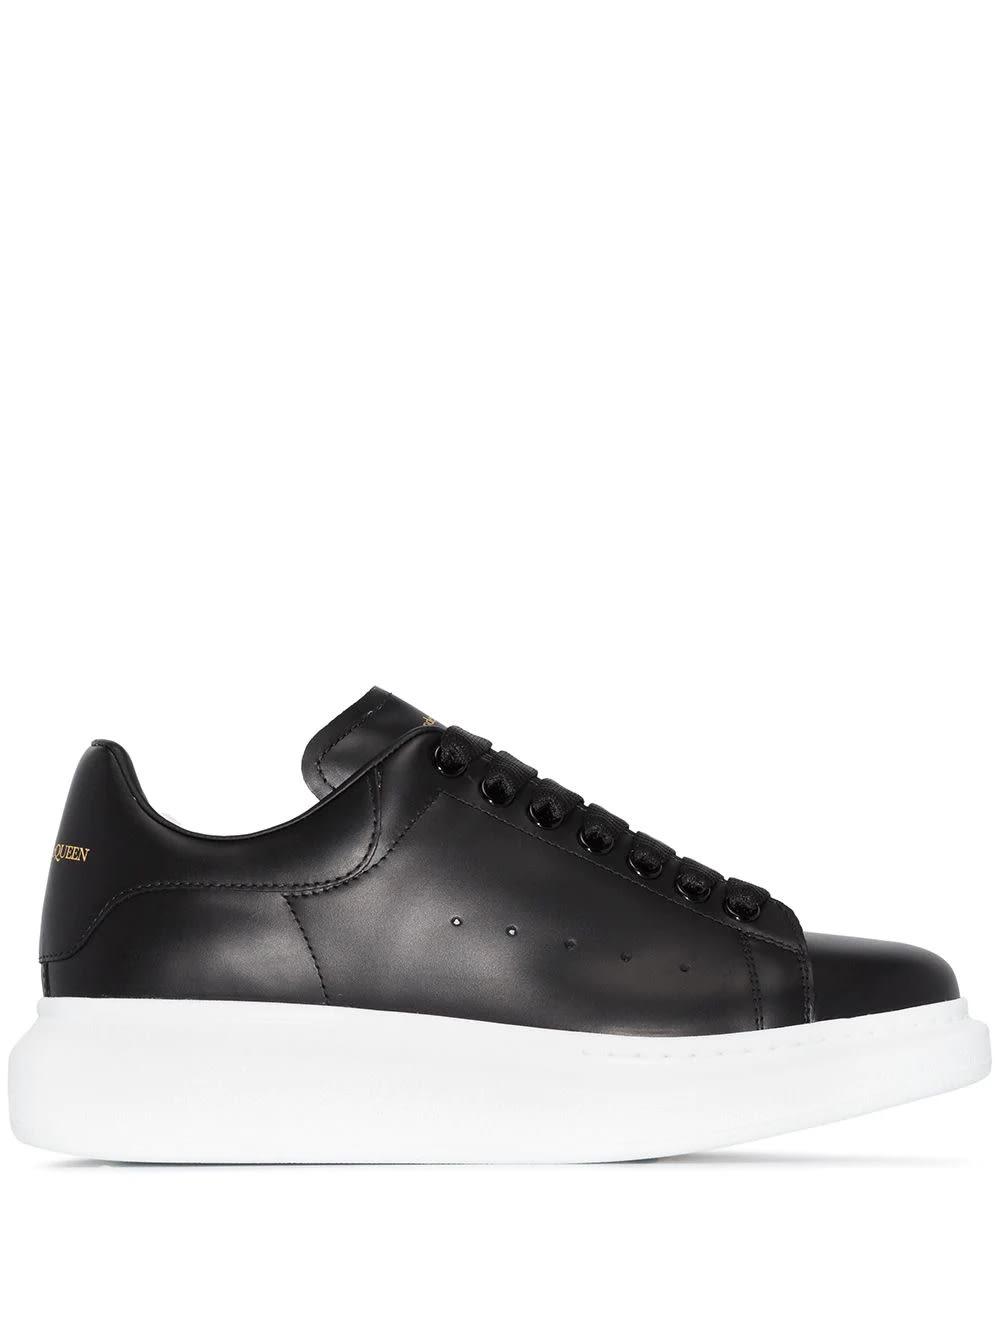 Alexander McQueen Woman Black Oversize Sneakers